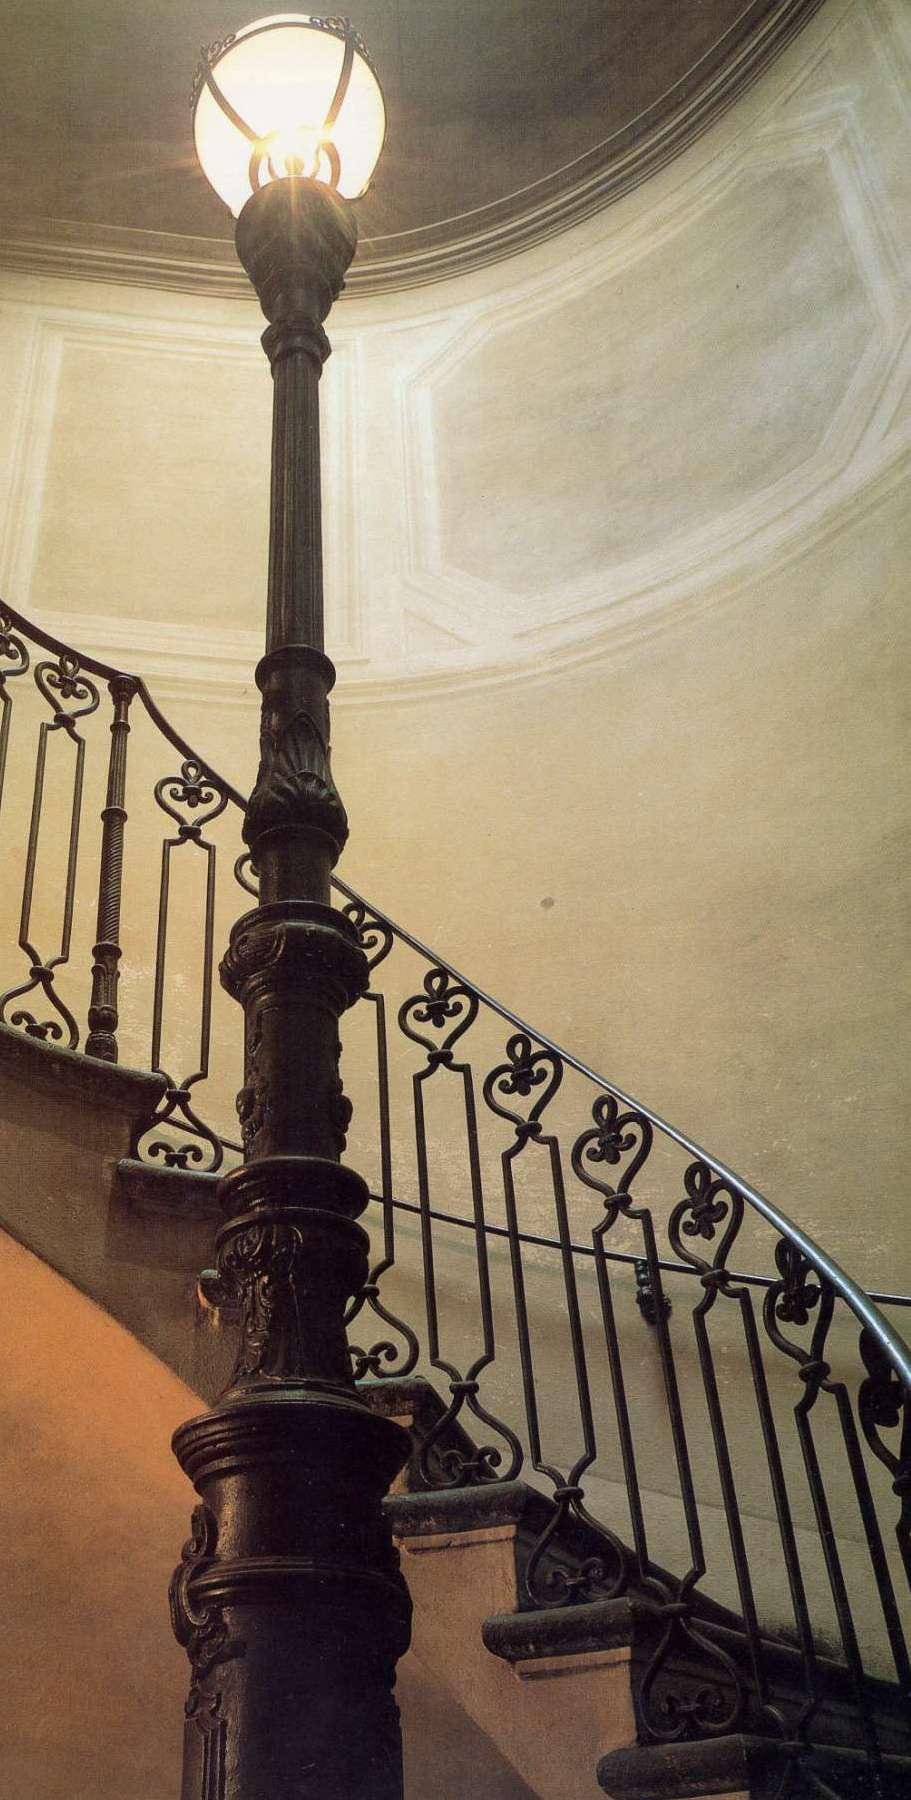 Bologna, interno di Casa Carducci, lampione fuso dalla Calzoni nel 1870 ca.